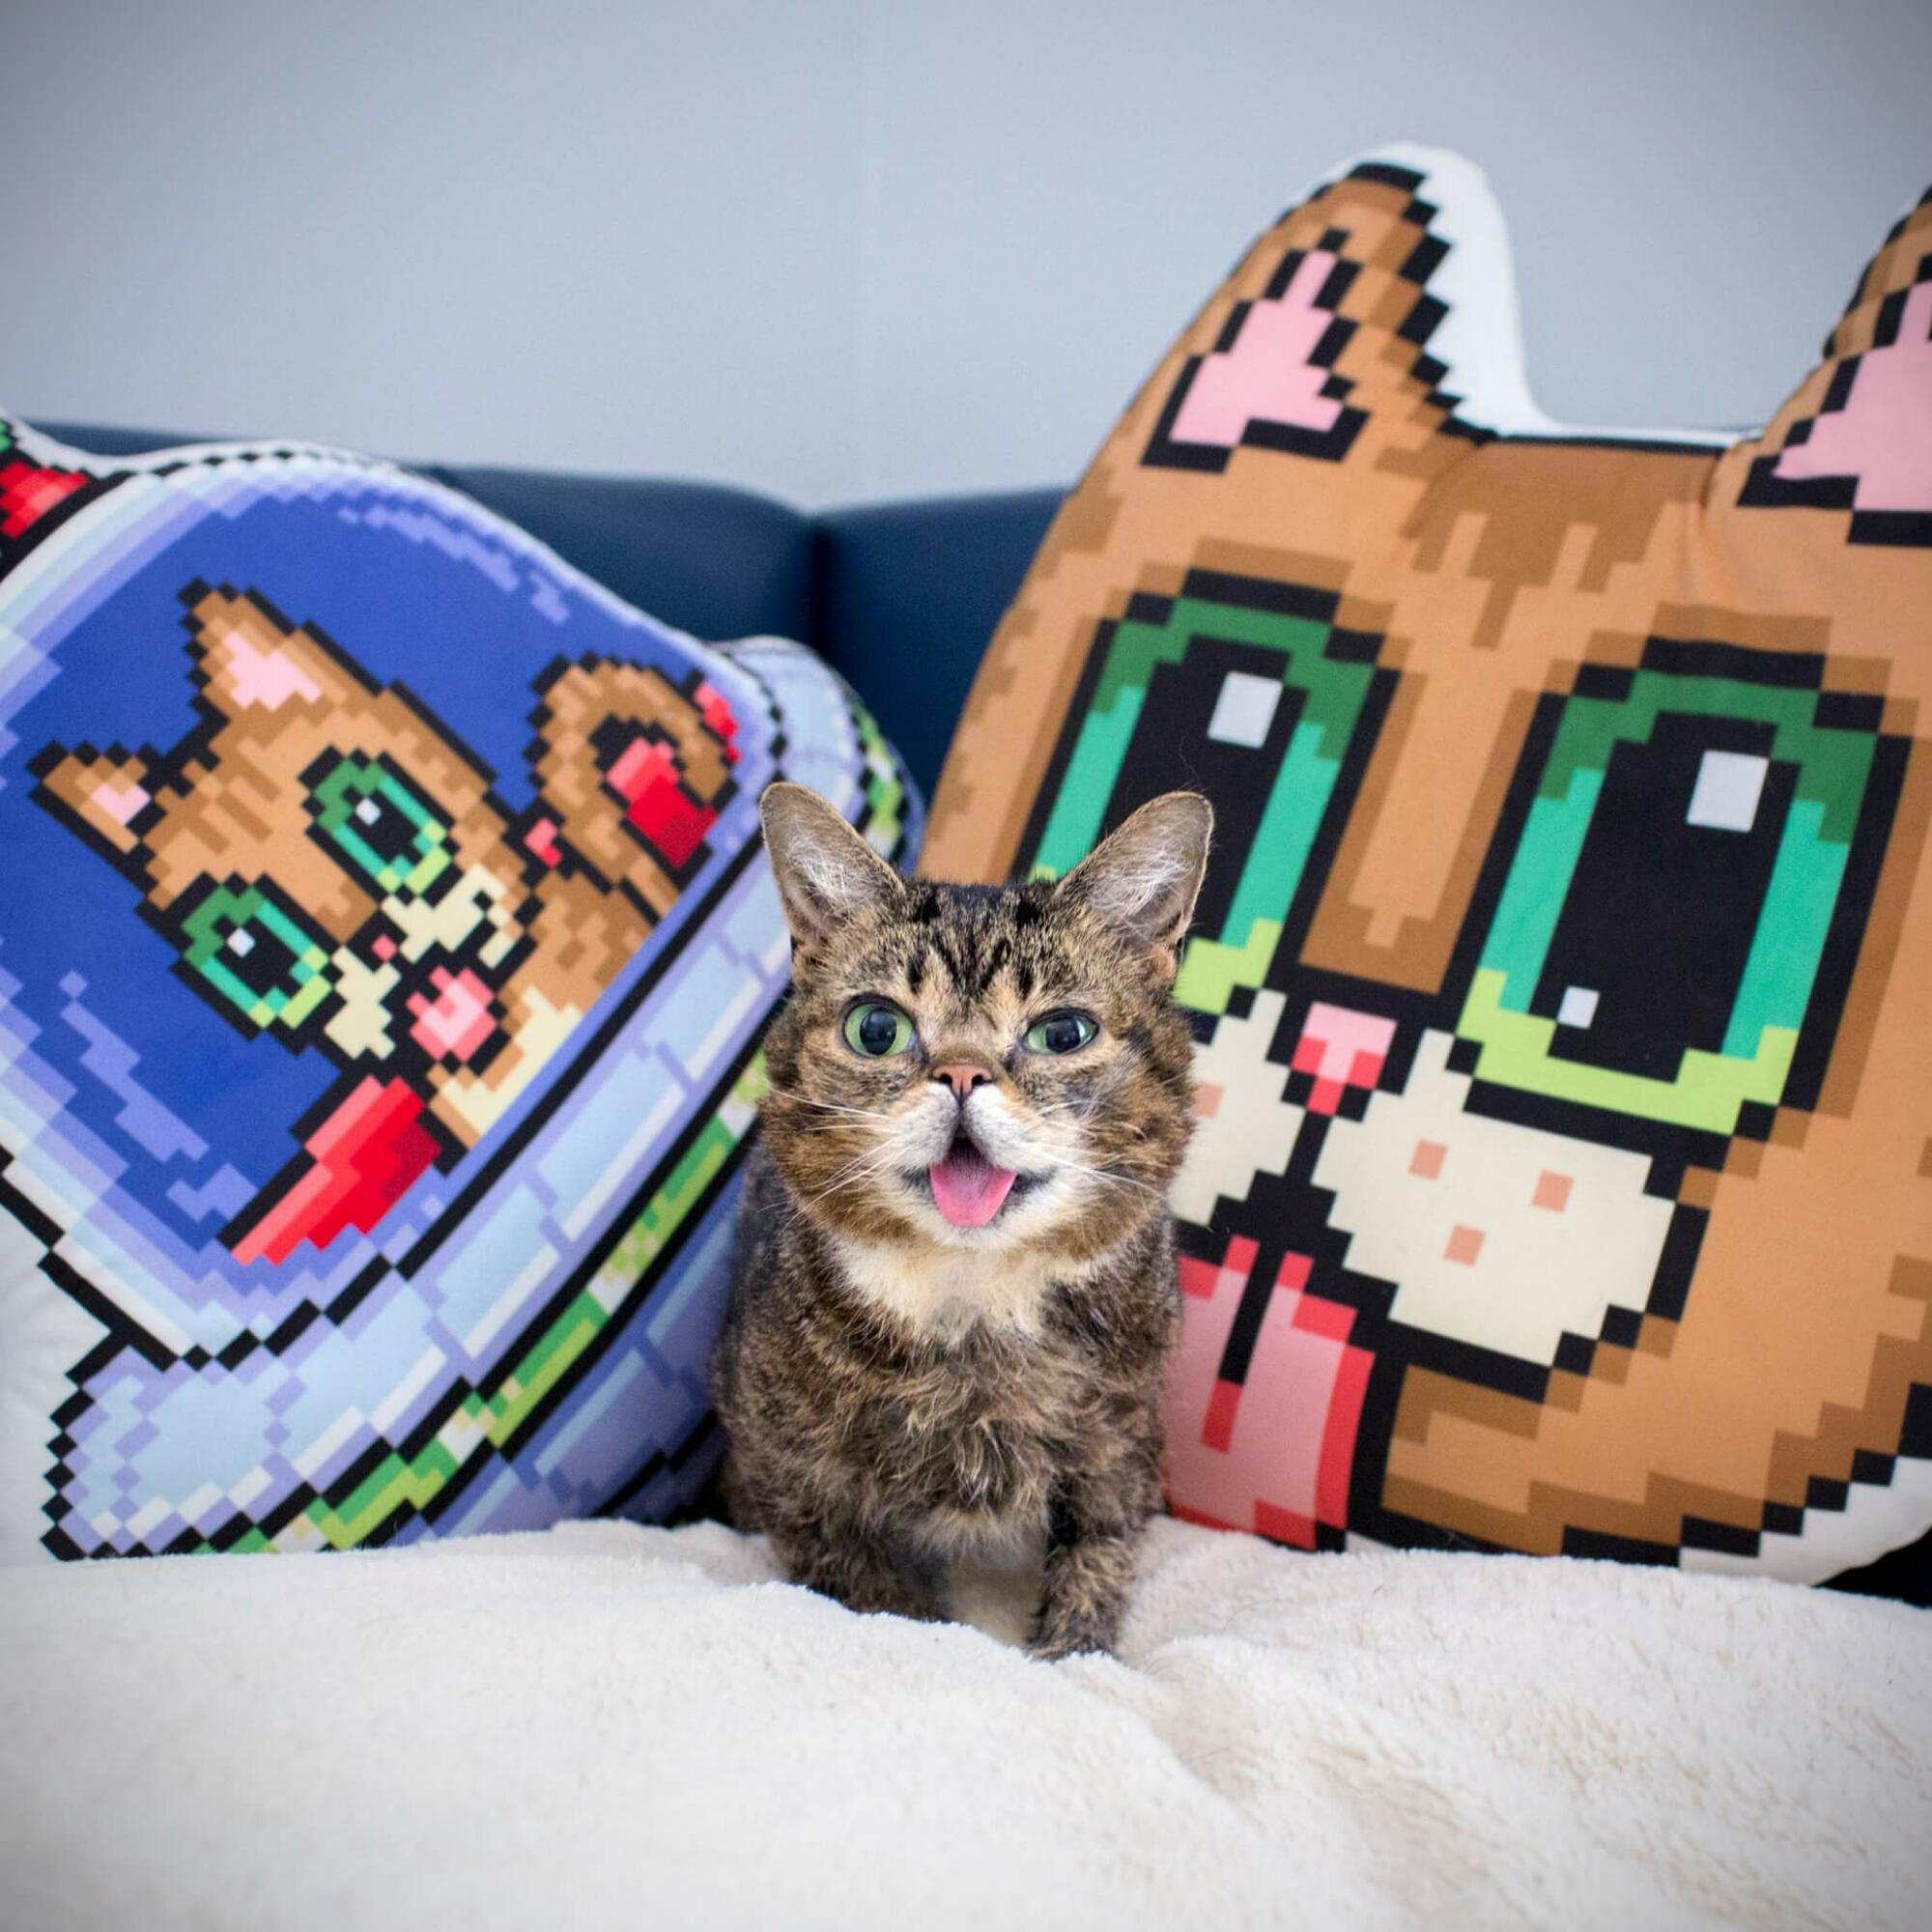 wp 1469200143284 - Imutnya Lil Bub, Kucing Mutan yang Menggemaskan